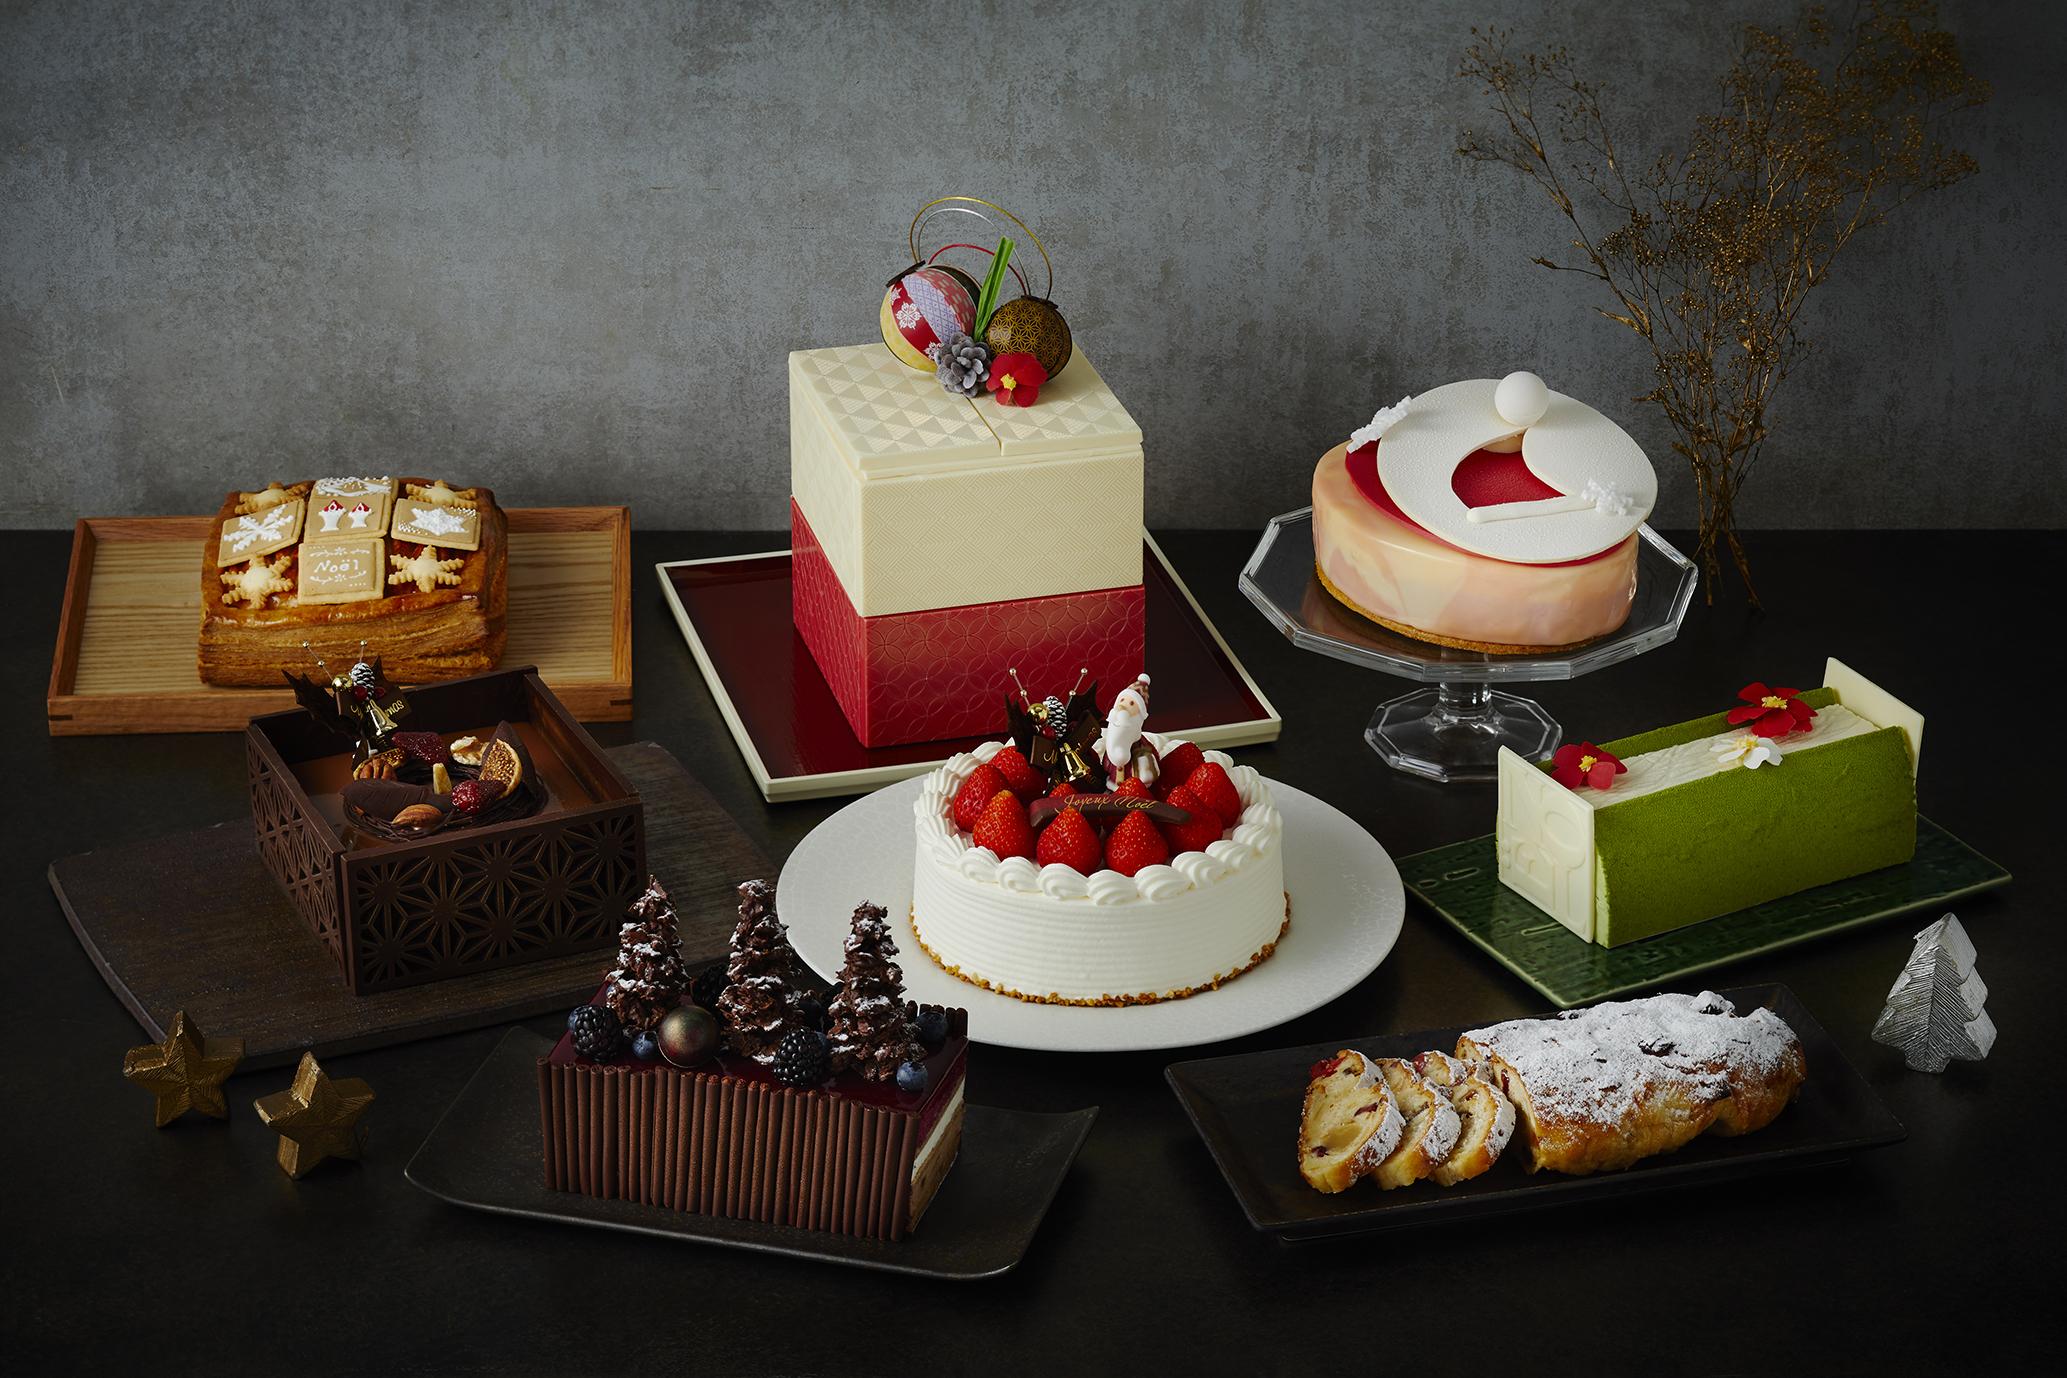 玉手箱や組子も! ホテル雅叙園東京 2019年クリスマスケーキを全紹介